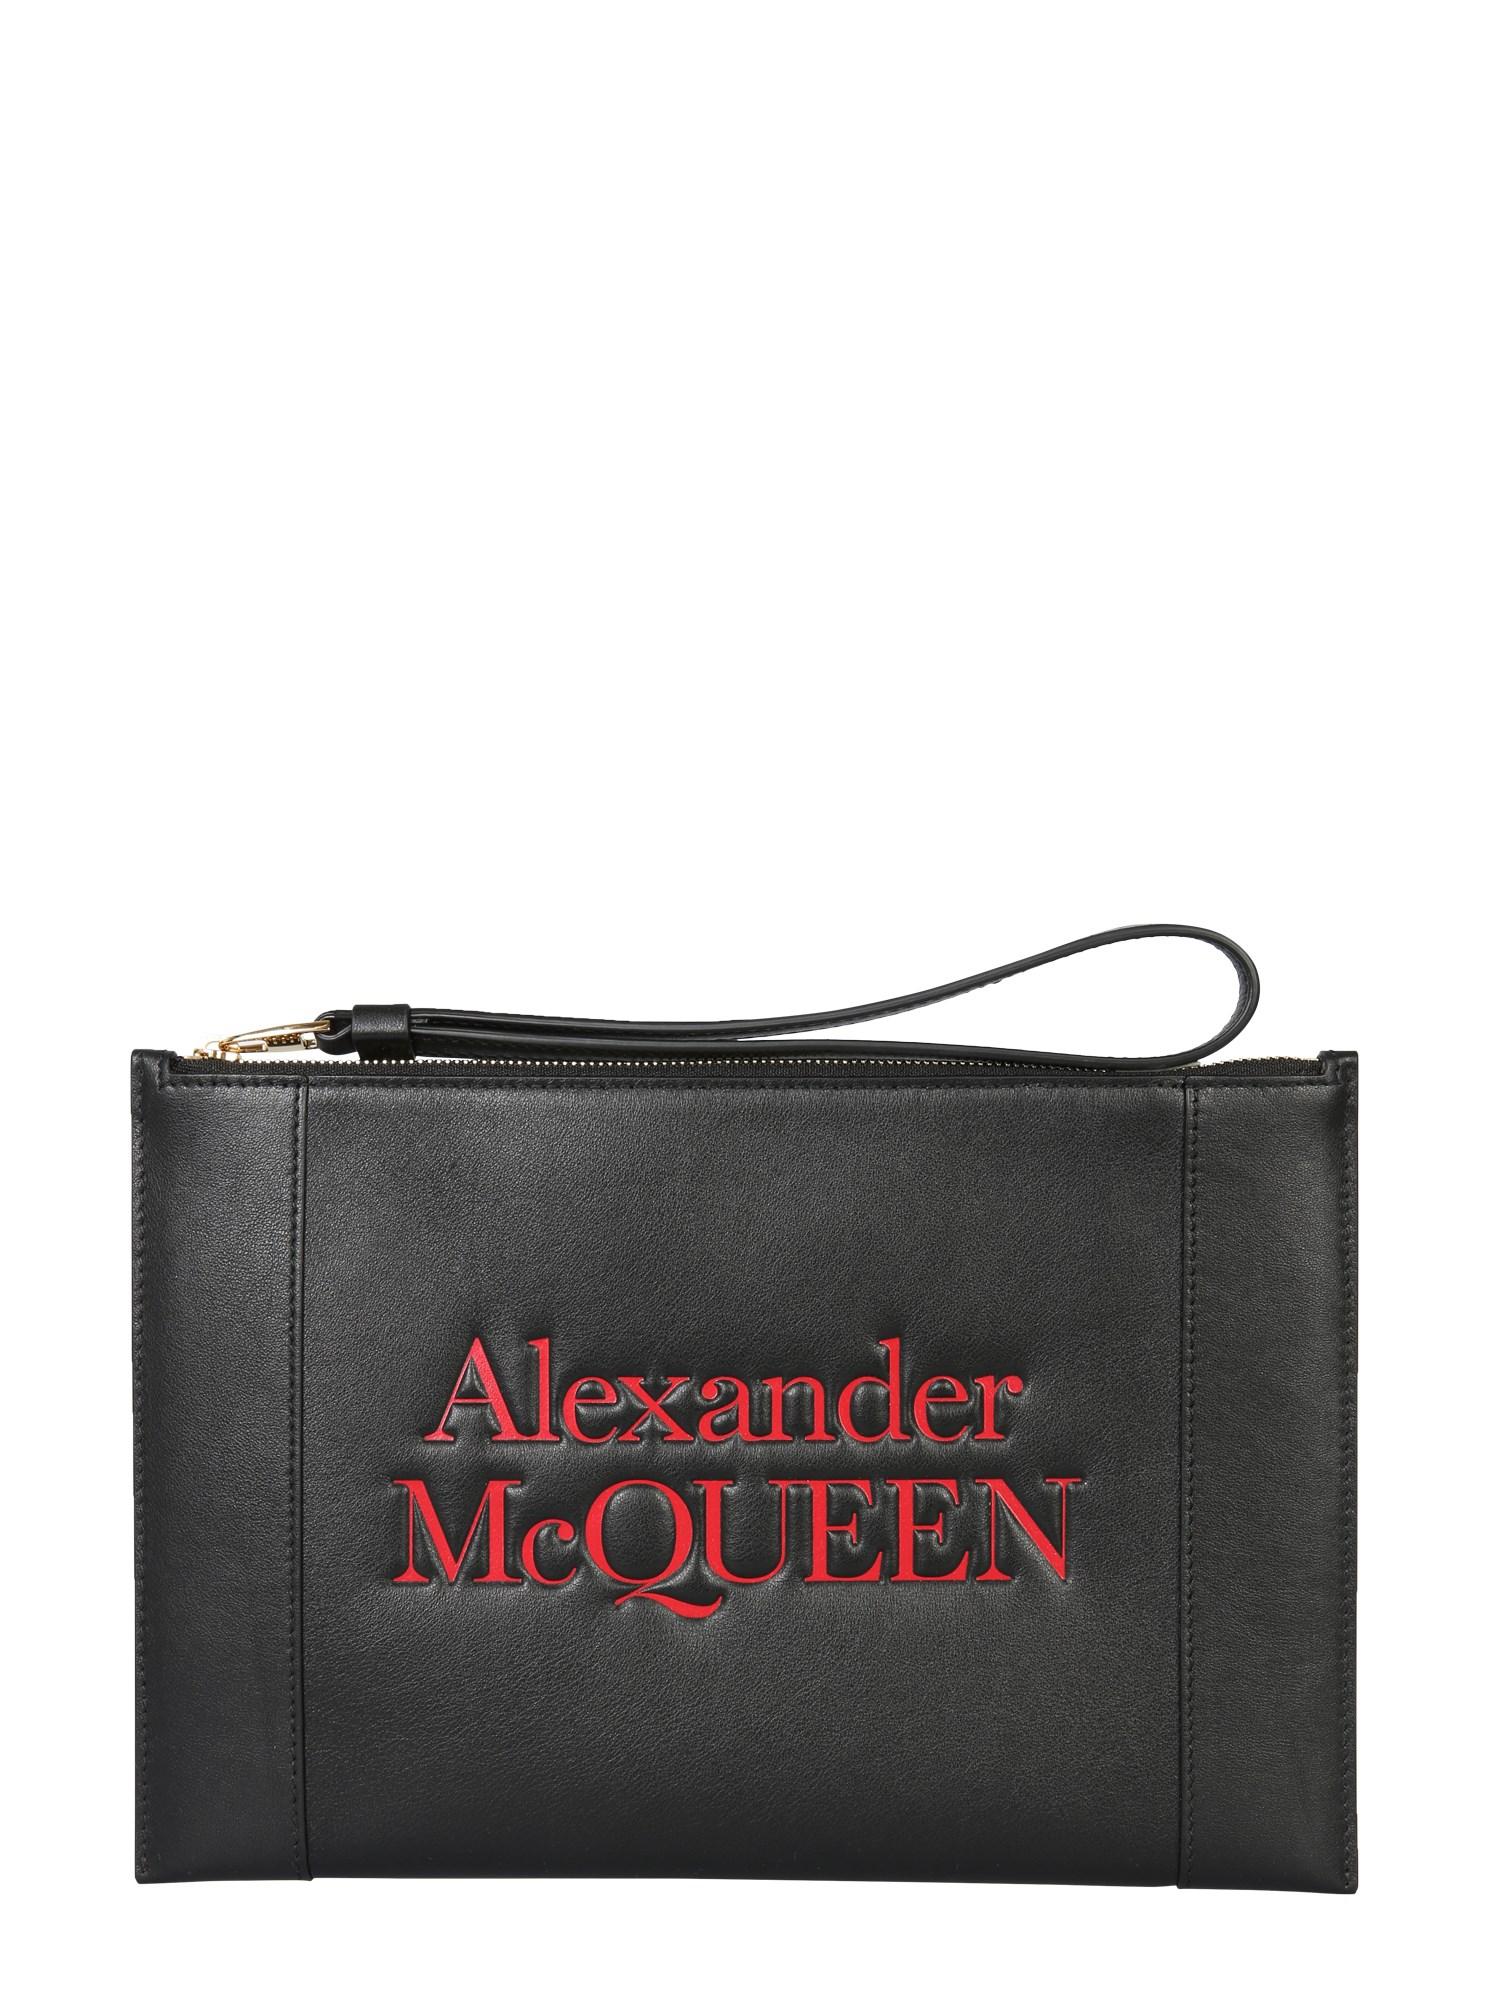 alexander mcqueen clutch signature